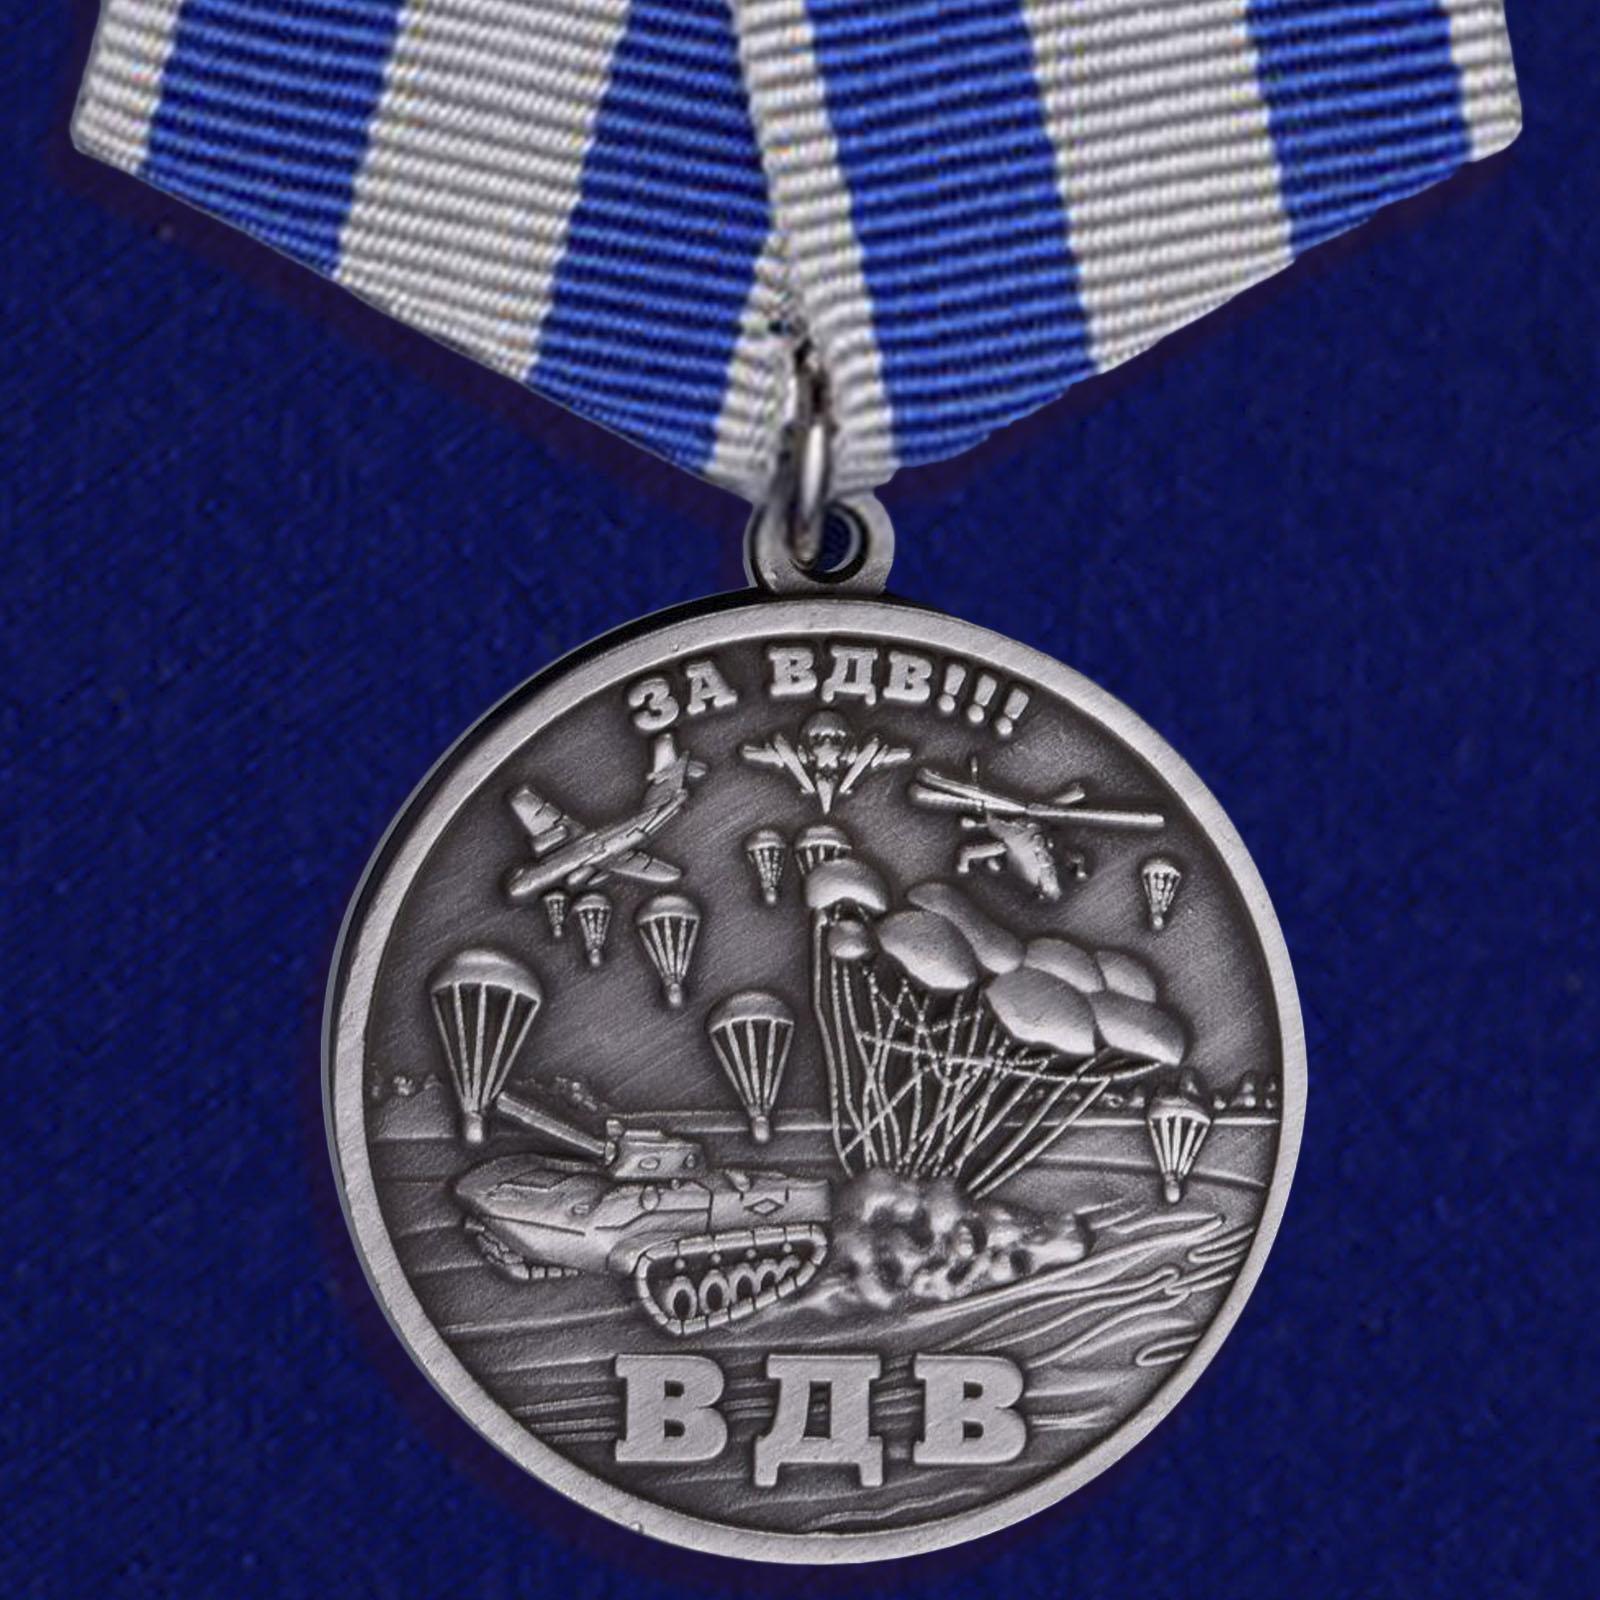 Купить медаль За ВДВ! на подставке по лучшей цене